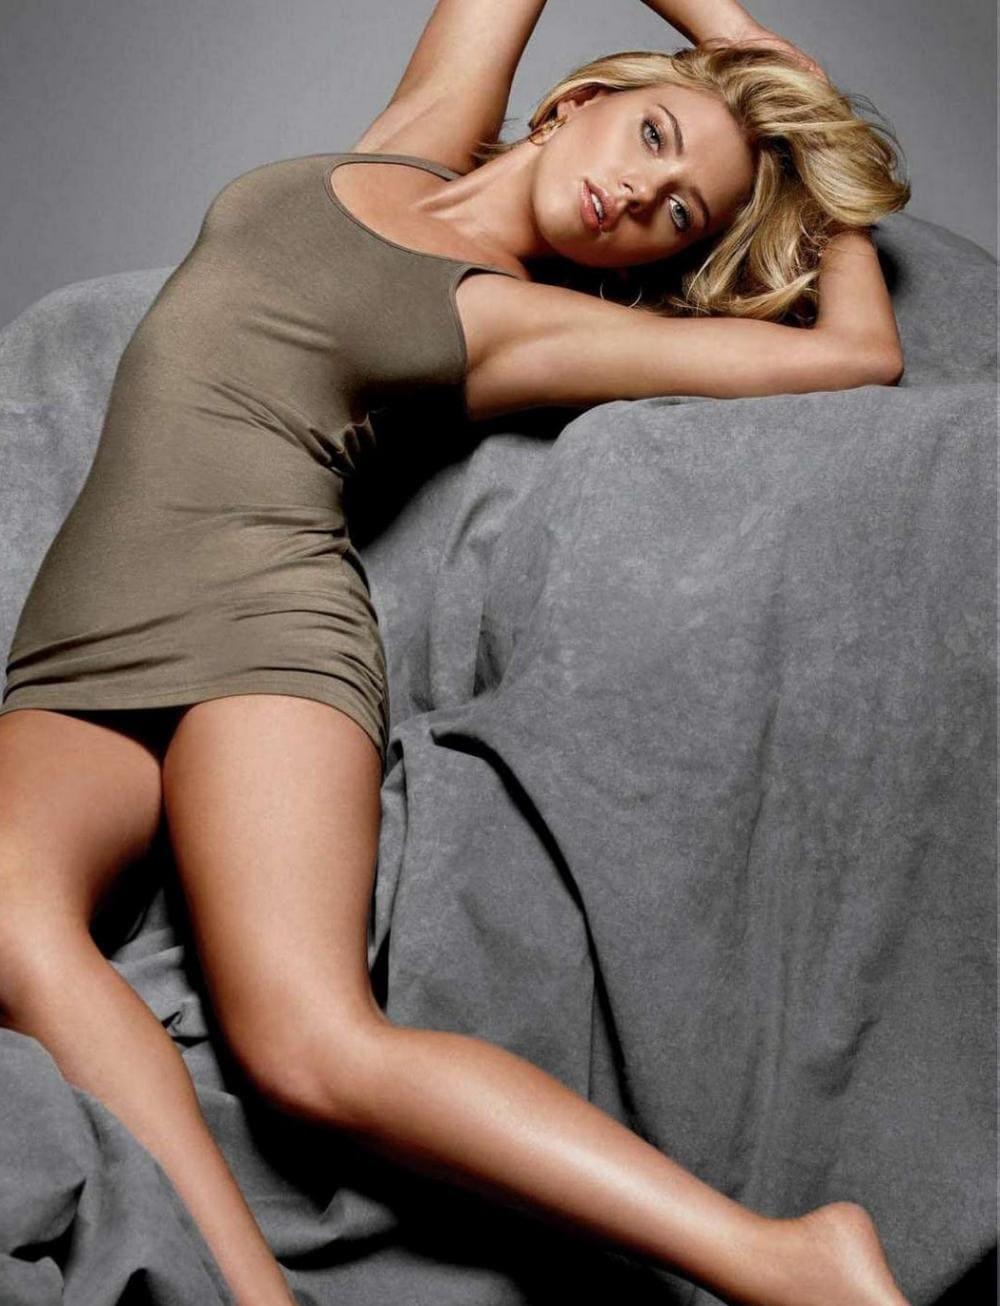 Скарлетт Йоханссон фото в коротком бутылочного цвета платье лежит на сером покрывале вся изогнулась, руки на голове